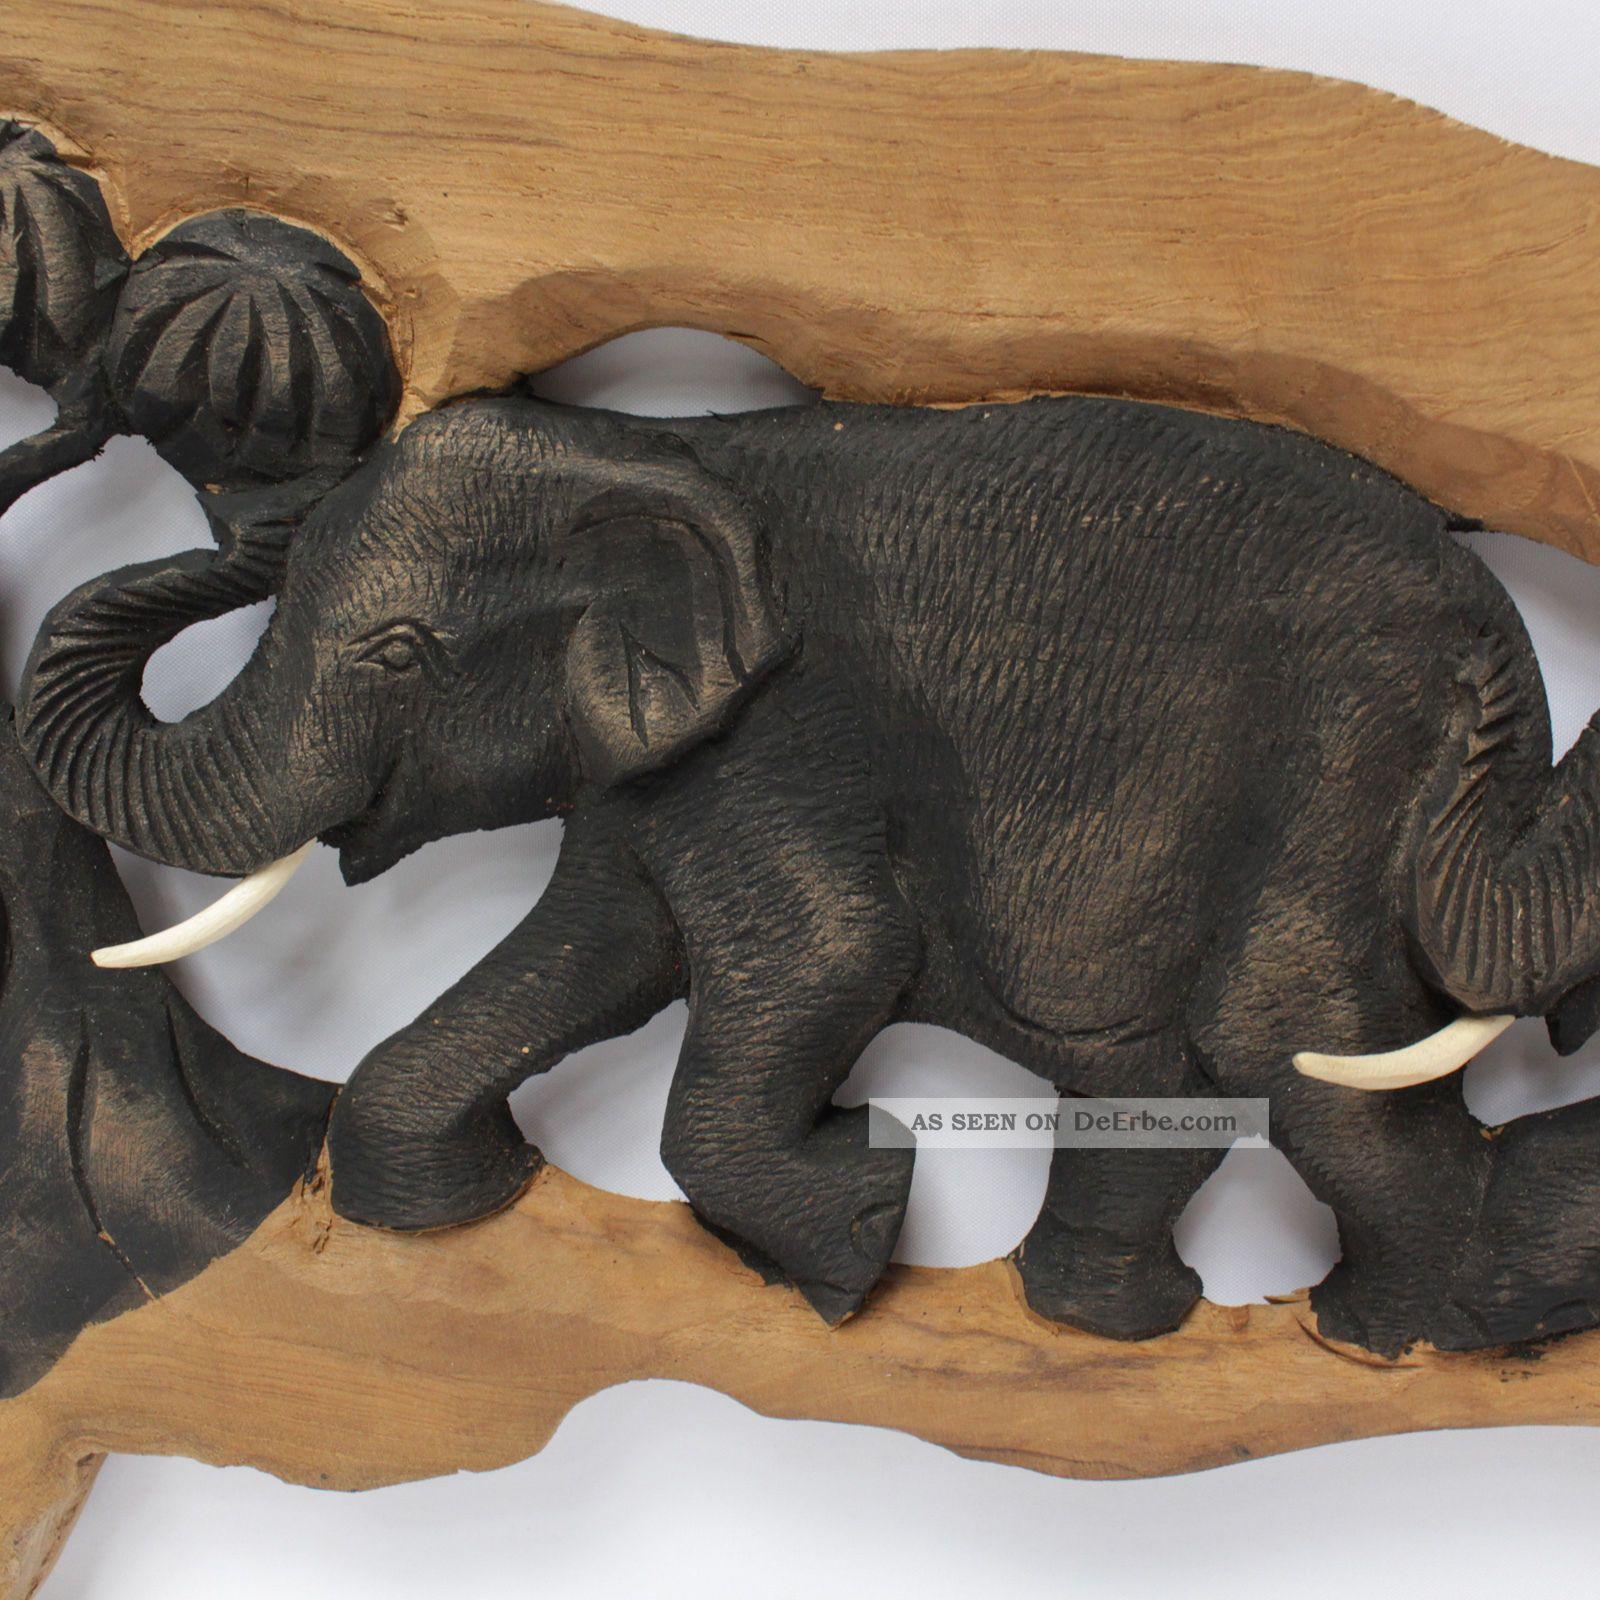 elefantenfamilie elefant holz baumstamm wandbild relief. Black Bedroom Furniture Sets. Home Design Ideas